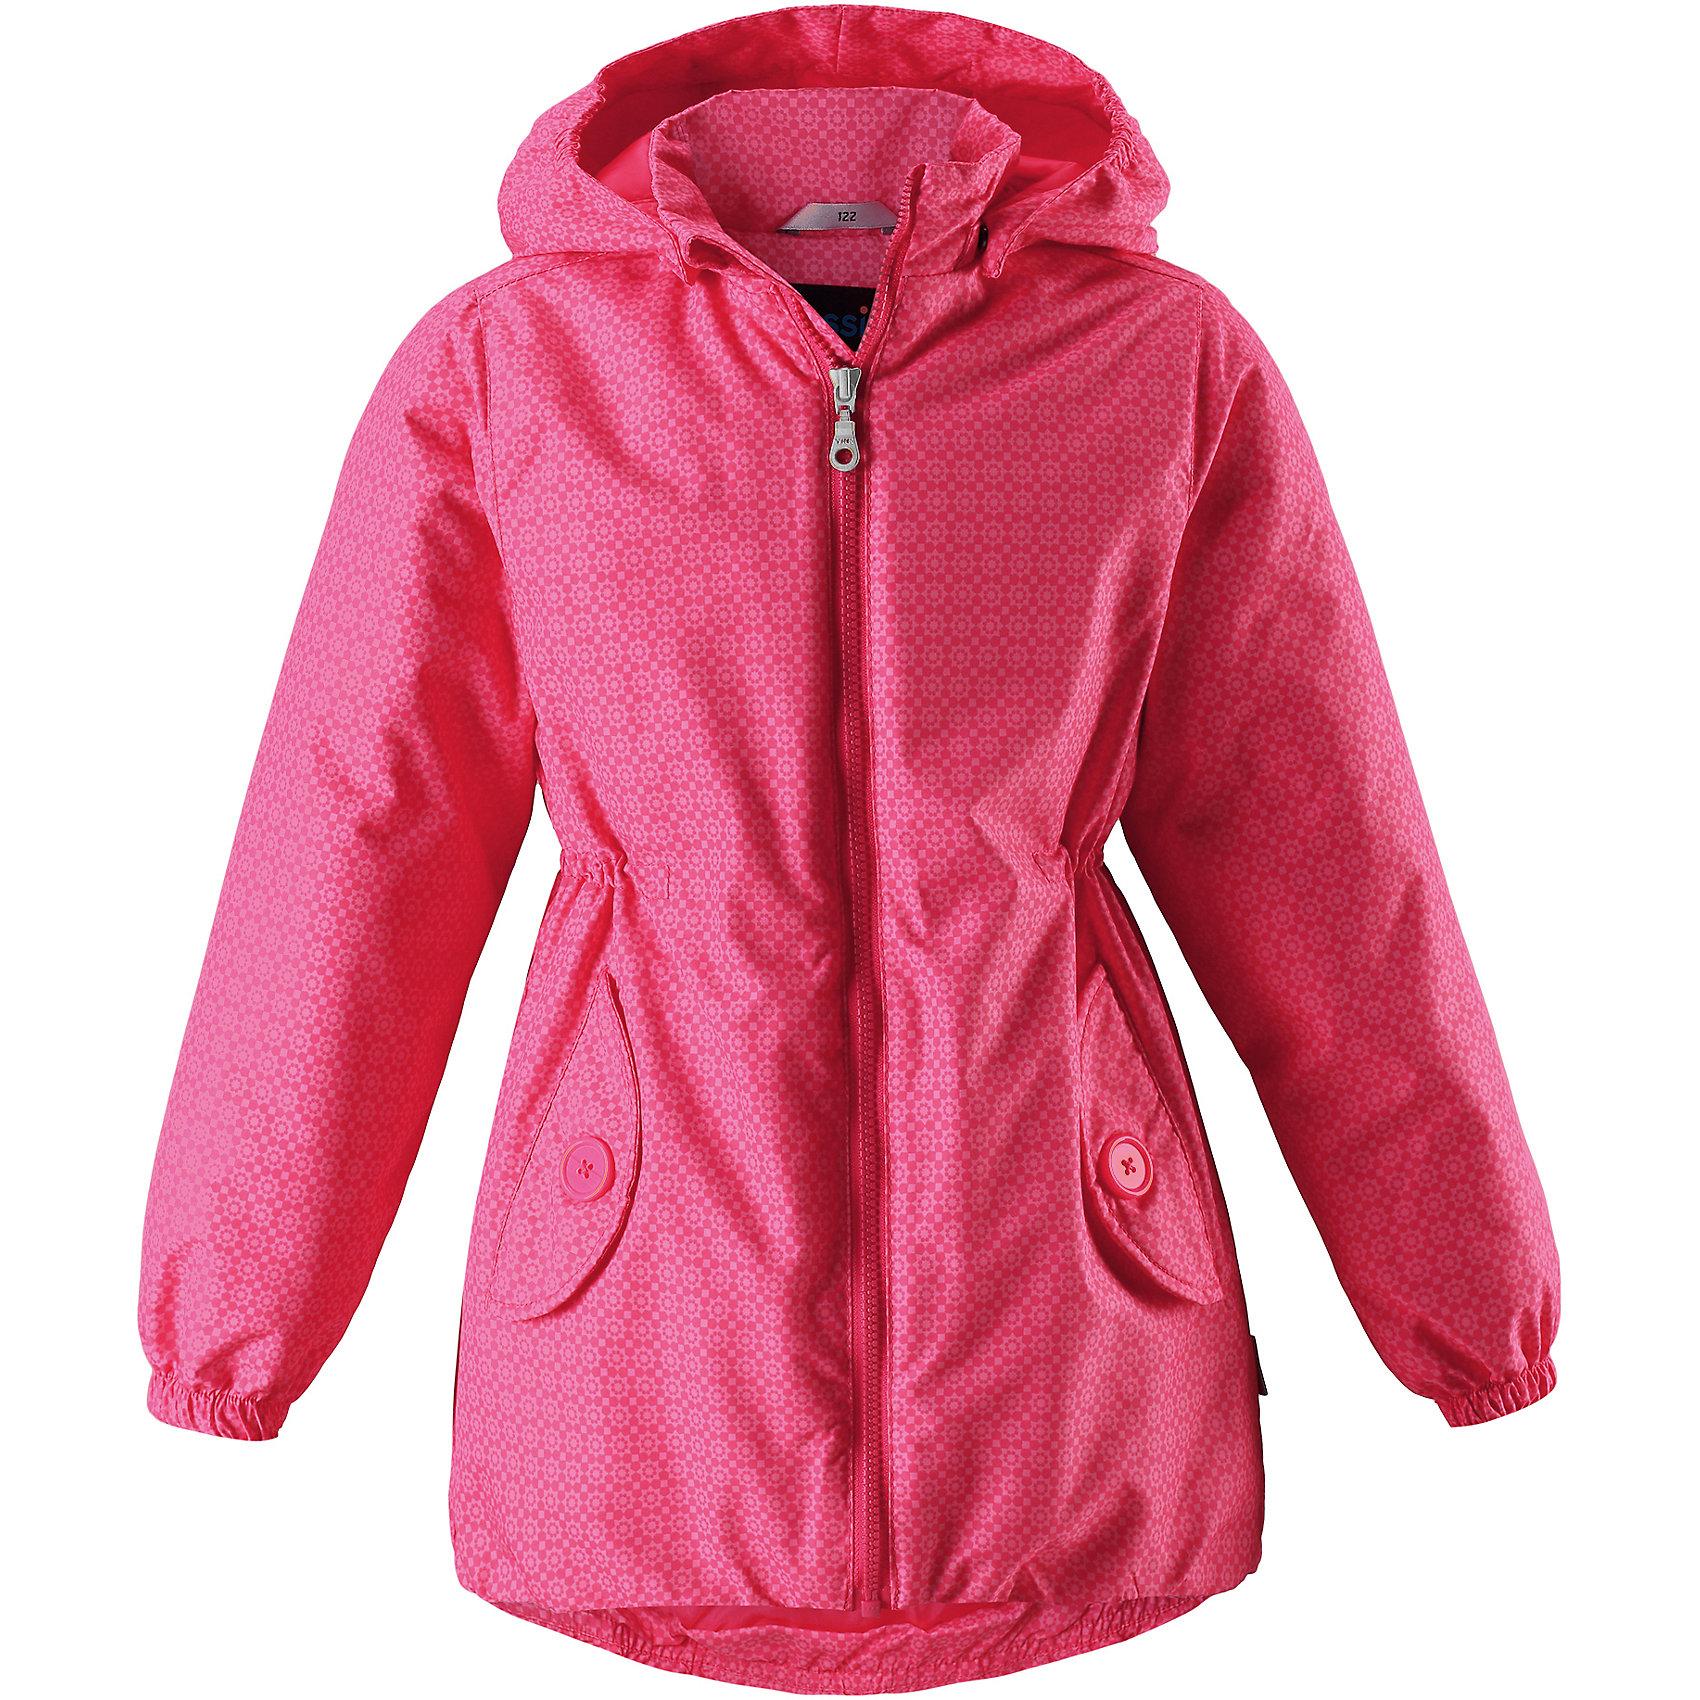 Куртка для девочки LASSIEОдежда<br>Характеристики товара:<br><br>• цвет: розовый<br>• температурный режим: от +10°до 0°С<br>• состав: 100% полиэстер, мембрана 100% полиуретан.<br>• водонепроницаемость: 1000 мм<br>• сопротивление трению: 20000 циклов (тест Мартиндейла).<br>• легкий утеплитель: 80 гр/м2<br>• водоотталкивающий, ветронепроницаемый и «дышащий» материал<br>• подкладка: гладкий полиэстер<br>• обхват талии регулируется<br>• карманы <br>• отстегивающийся капюшон<br>• молния<br>• эластичная кромка подола<br>• эластичные манжеты<br>• комфортная посадка<br>• страна производства: Китай<br>• страна бренда: Финляндия<br>• коллекция: весна-лето 2017<br><br>Демисезонная куртка поможет обеспечить ребенку комфорт и тепло. Она отлично смотрится с различной одеждой и обувью. Изделие удобно сидит и модно выглядит. Материал - водоотталкивающий, ветронепроницаемый и «дышащий». Продуманный крой разрабатывался специально для детей.<br><br>Обувь и одежда от финского бренда LASSIE пользуются популярностью во многих странах. Они стильные, качественные и удобные. Для производства продукции используются только безопасные, проверенные материалы и фурнитура. Порадуйте ребенка модными и красивыми вещами от Lassie®! <br><br>Куртку для девочки от финского бренда LASSIE можно купить в нашем интернет-магазине.<br><br>Ширина мм: 356<br>Глубина мм: 10<br>Высота мм: 245<br>Вес г: 519<br>Цвет: розовый<br>Возраст от месяцев: 18<br>Возраст до месяцев: 24<br>Пол: Женский<br>Возраст: Детский<br>Размер: 92,140,134,128,122,116,110,104,98<br>SKU: 5265040